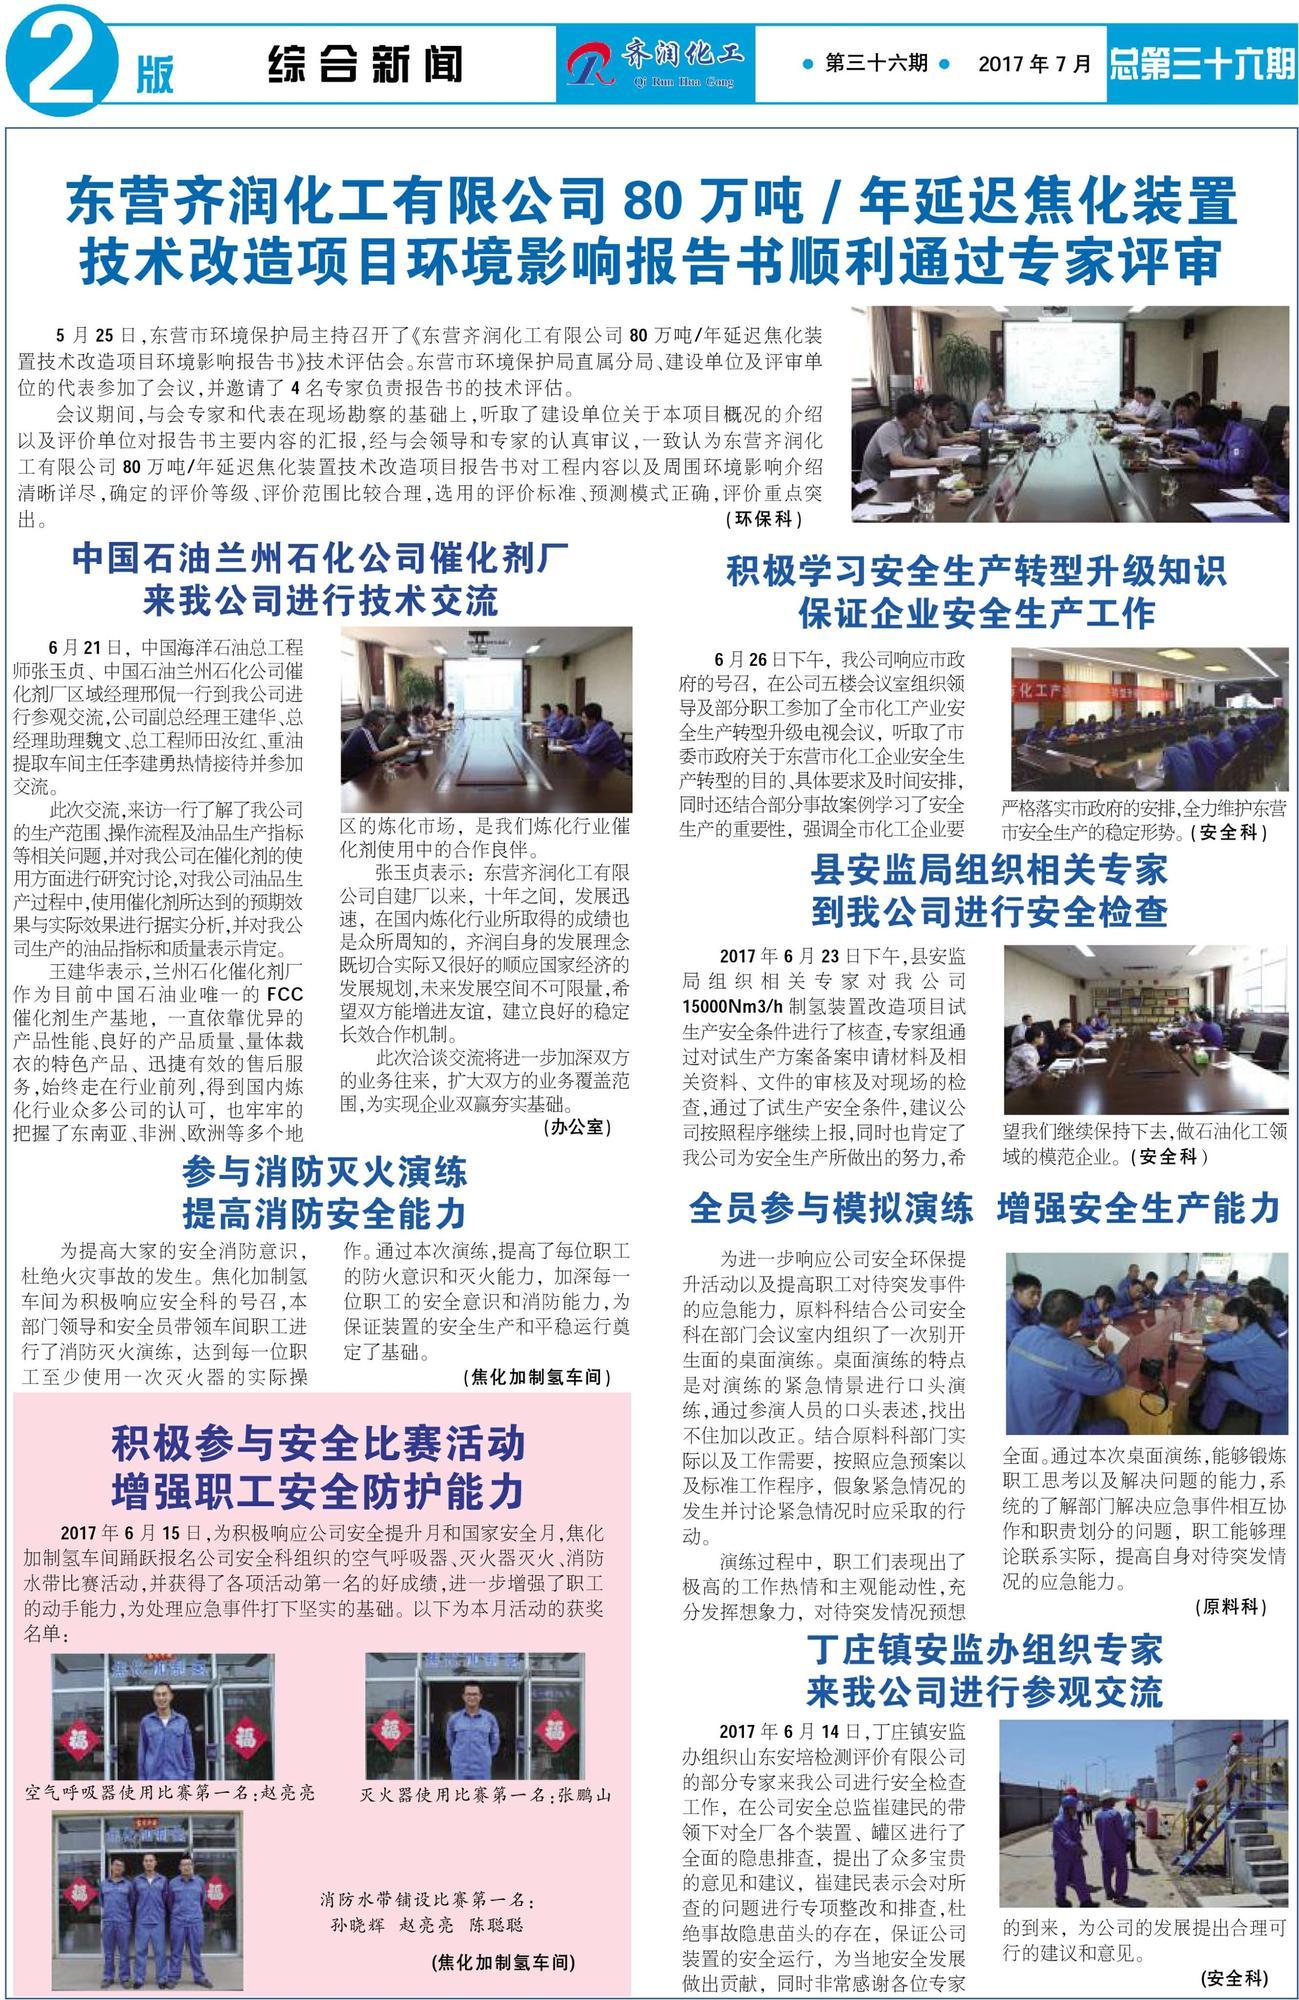 亚博体育官方登陆报第36期-2.jpg